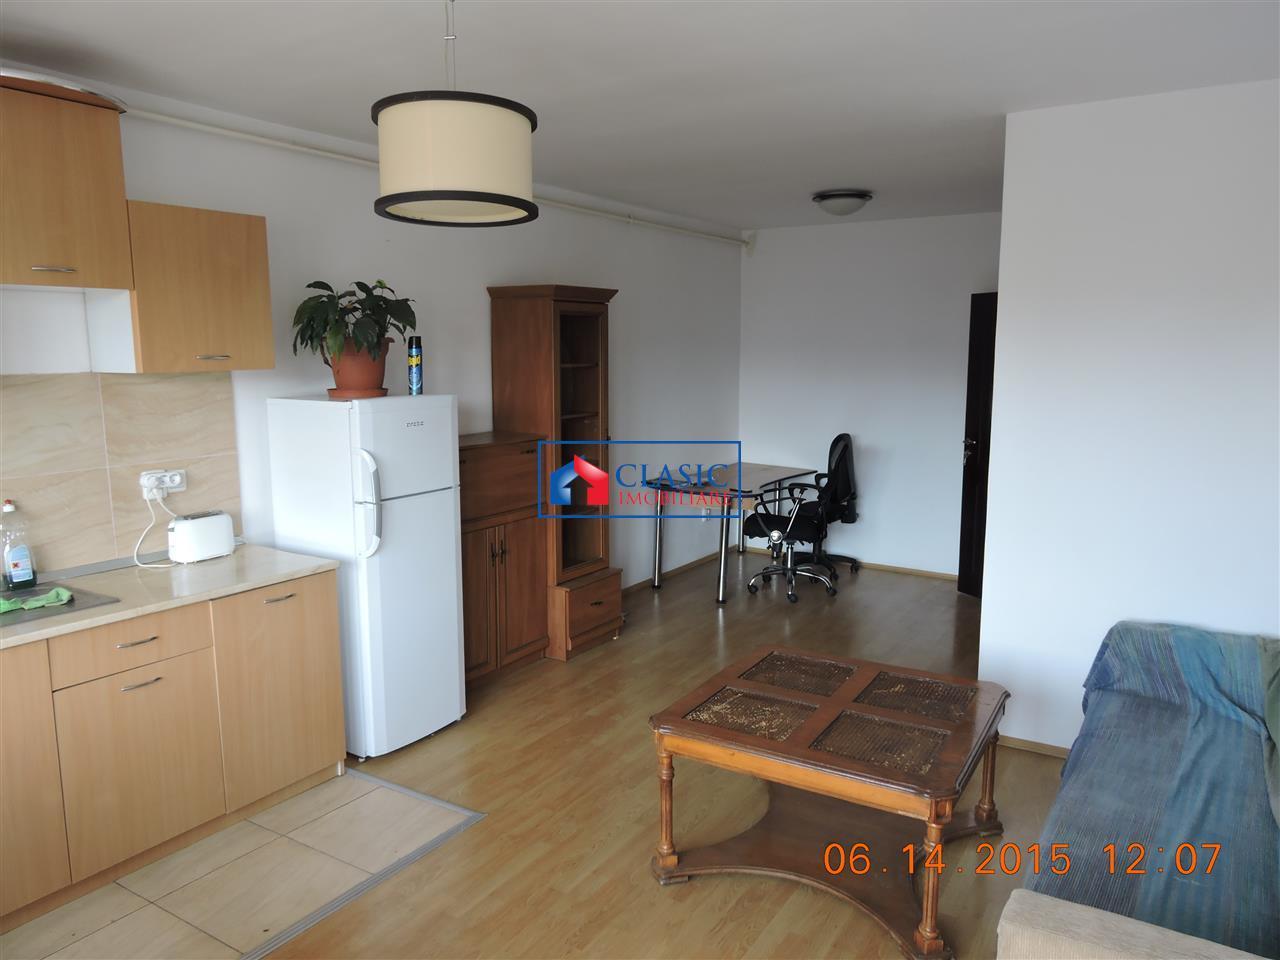 Vanzare apartament 2 camere, 57 mp, mobilat, zona Baciu-Petrom